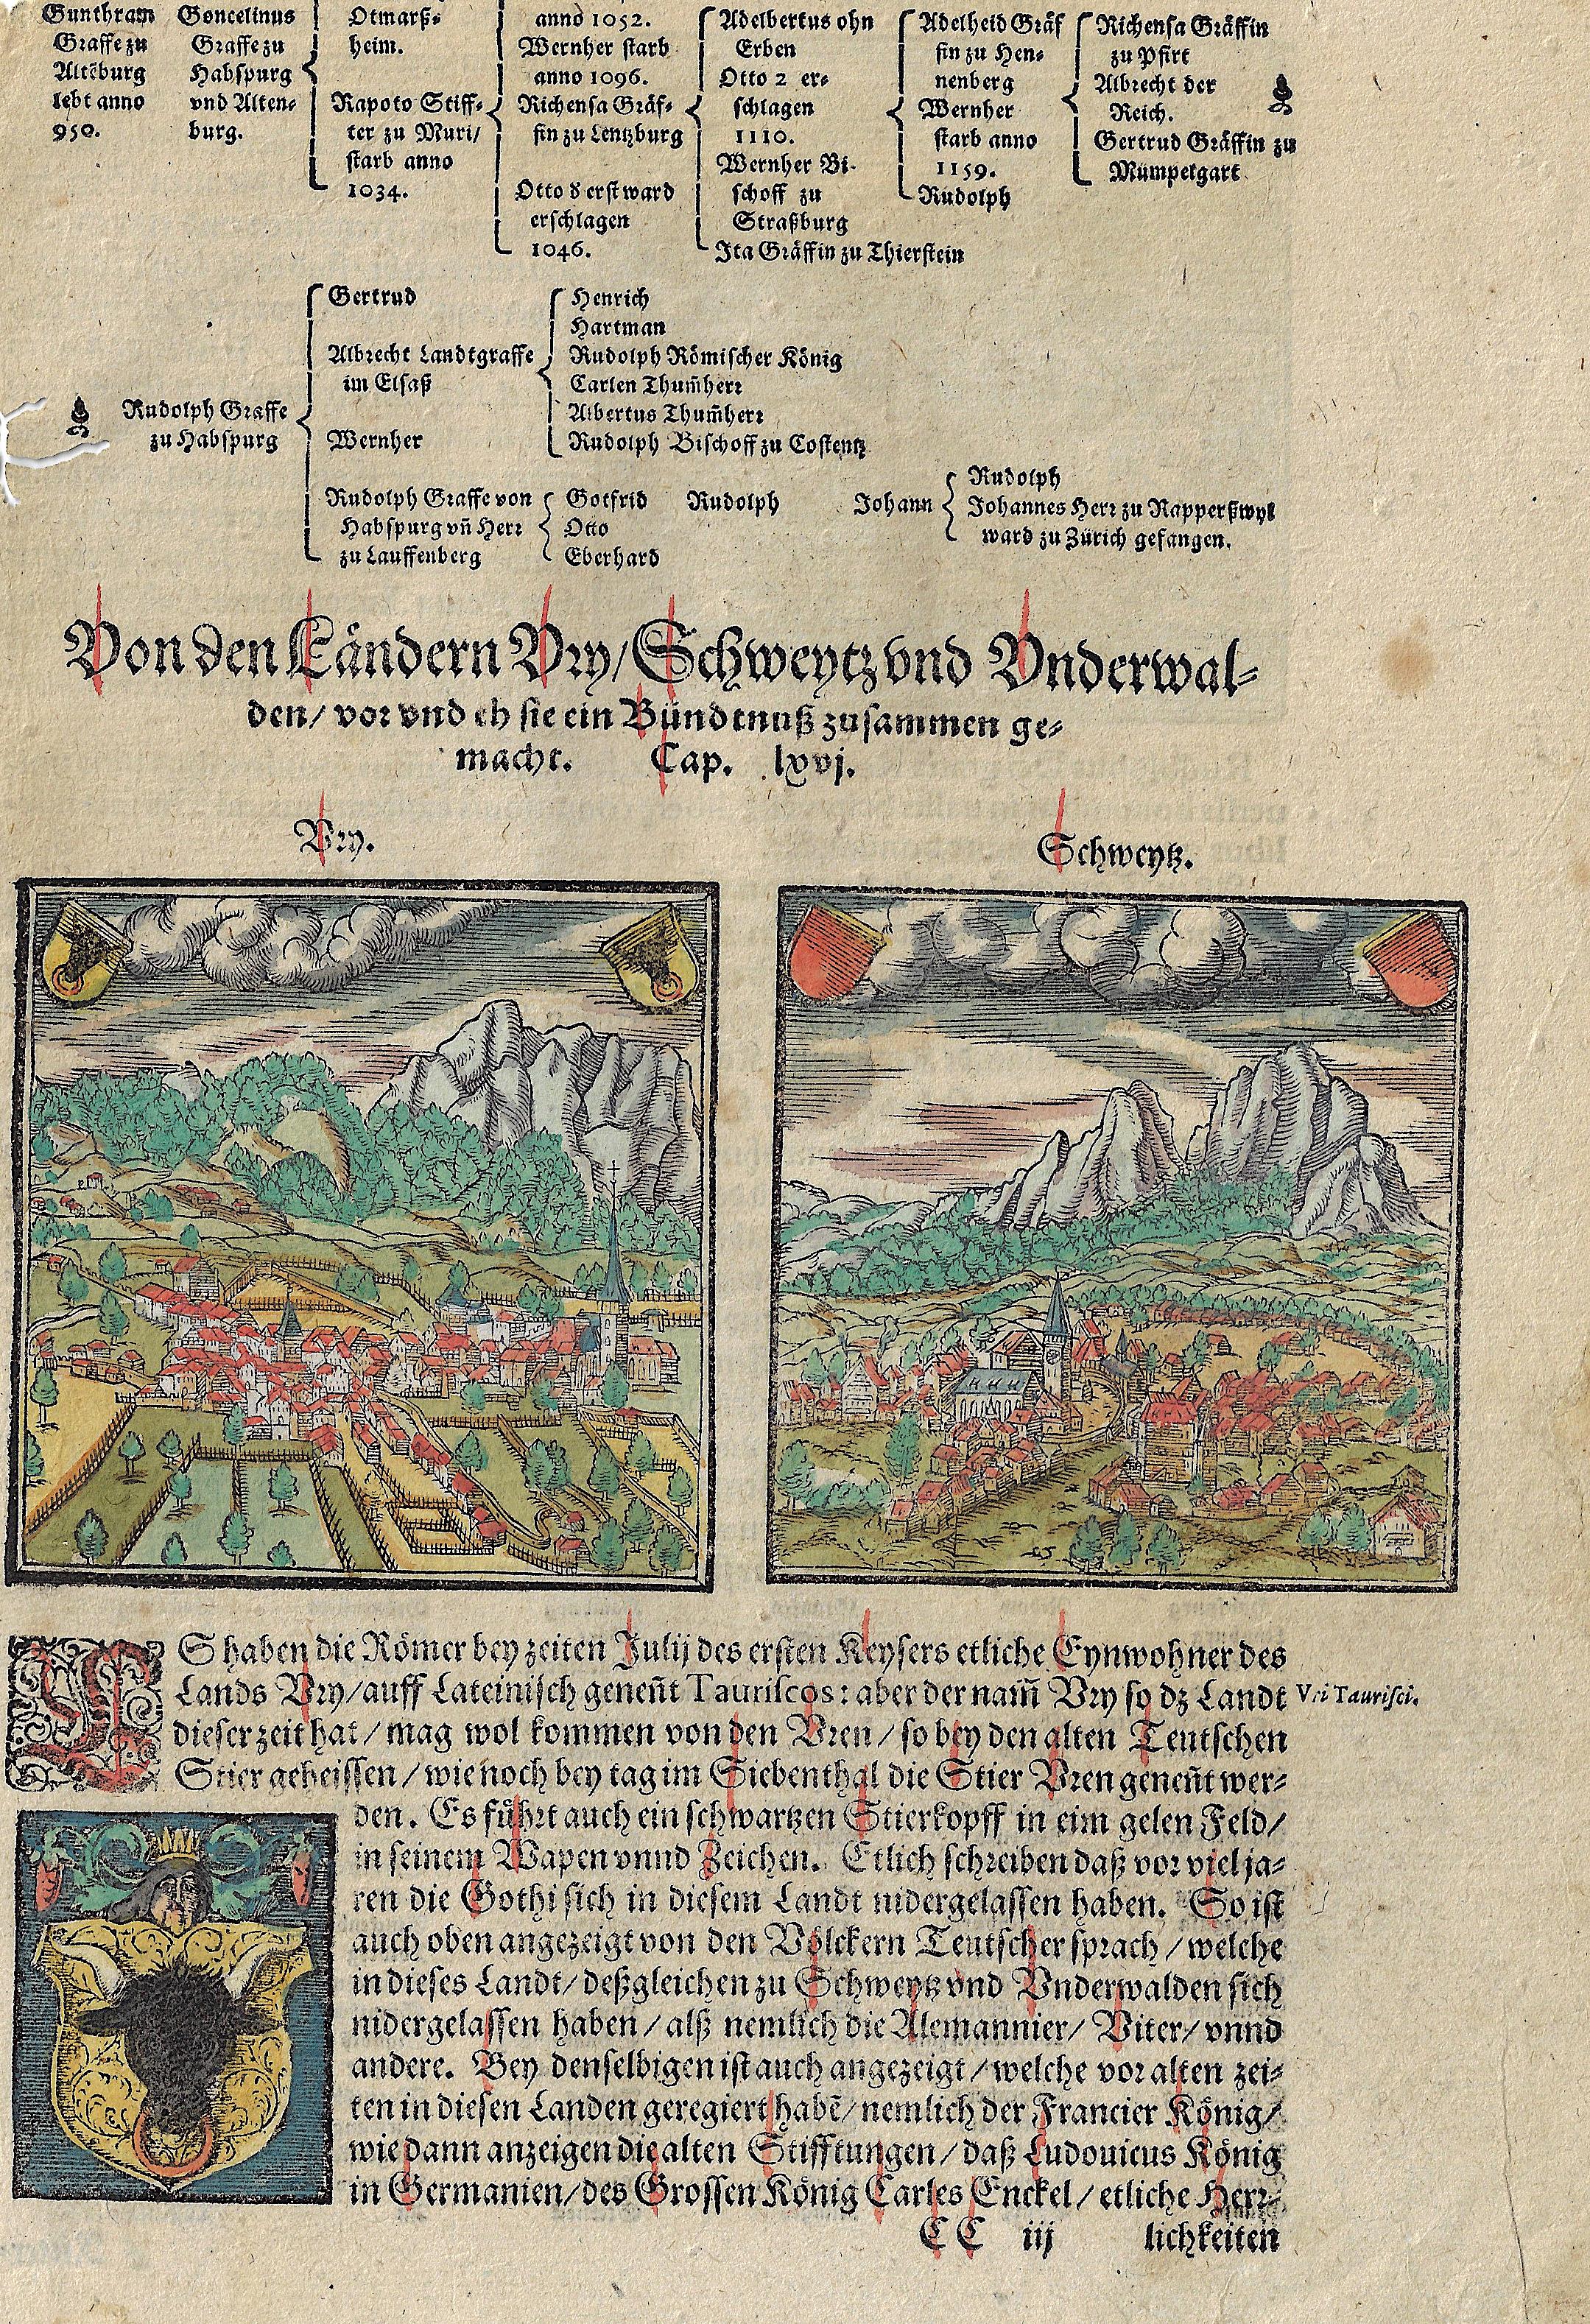 Münster Sebastian Von den ländern Ury, Schweitz und Underwalden vor und eh sie ein Bundtnuß zusammen gemacht